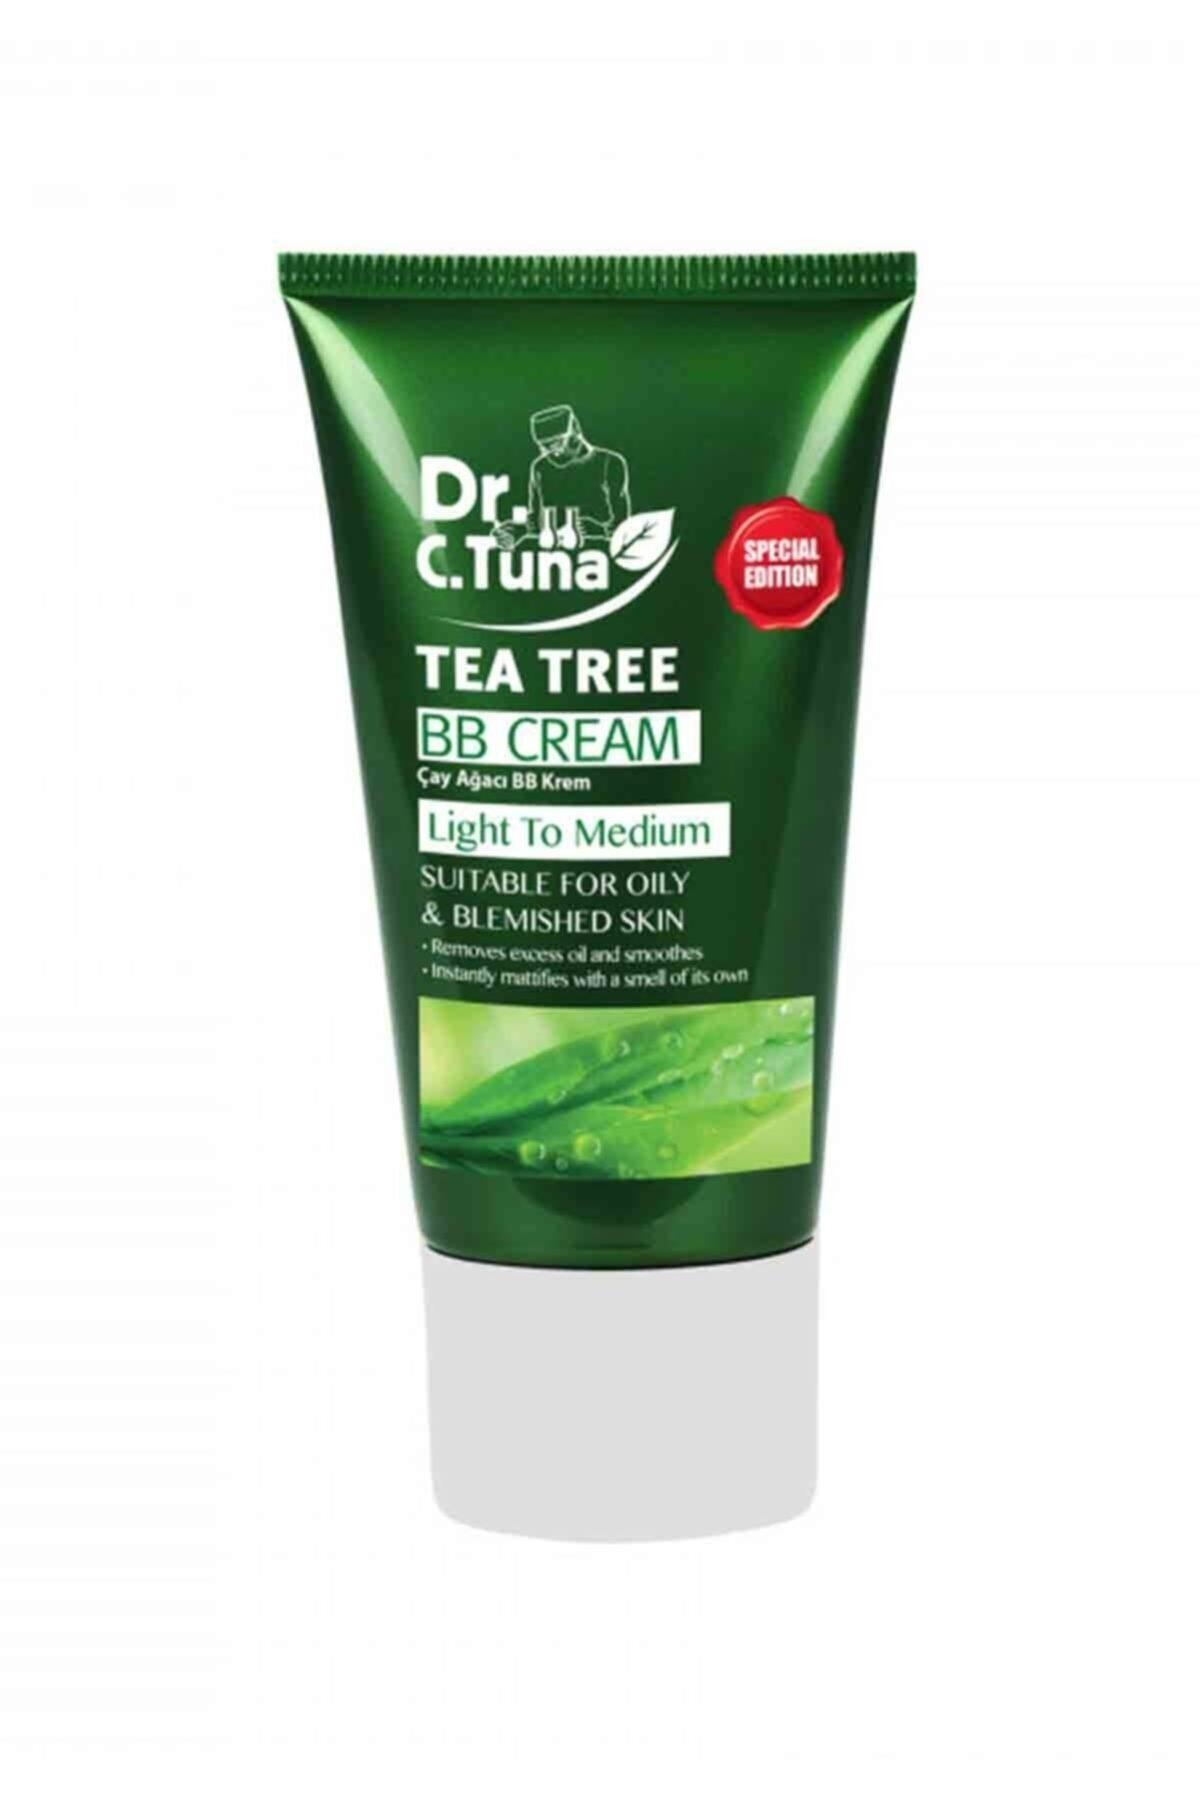 Farmasi Bb Krem - Dr. C. Tuna Çay Ağacı Yağı Açıktan Ortaya 50ml 8690131107246 1